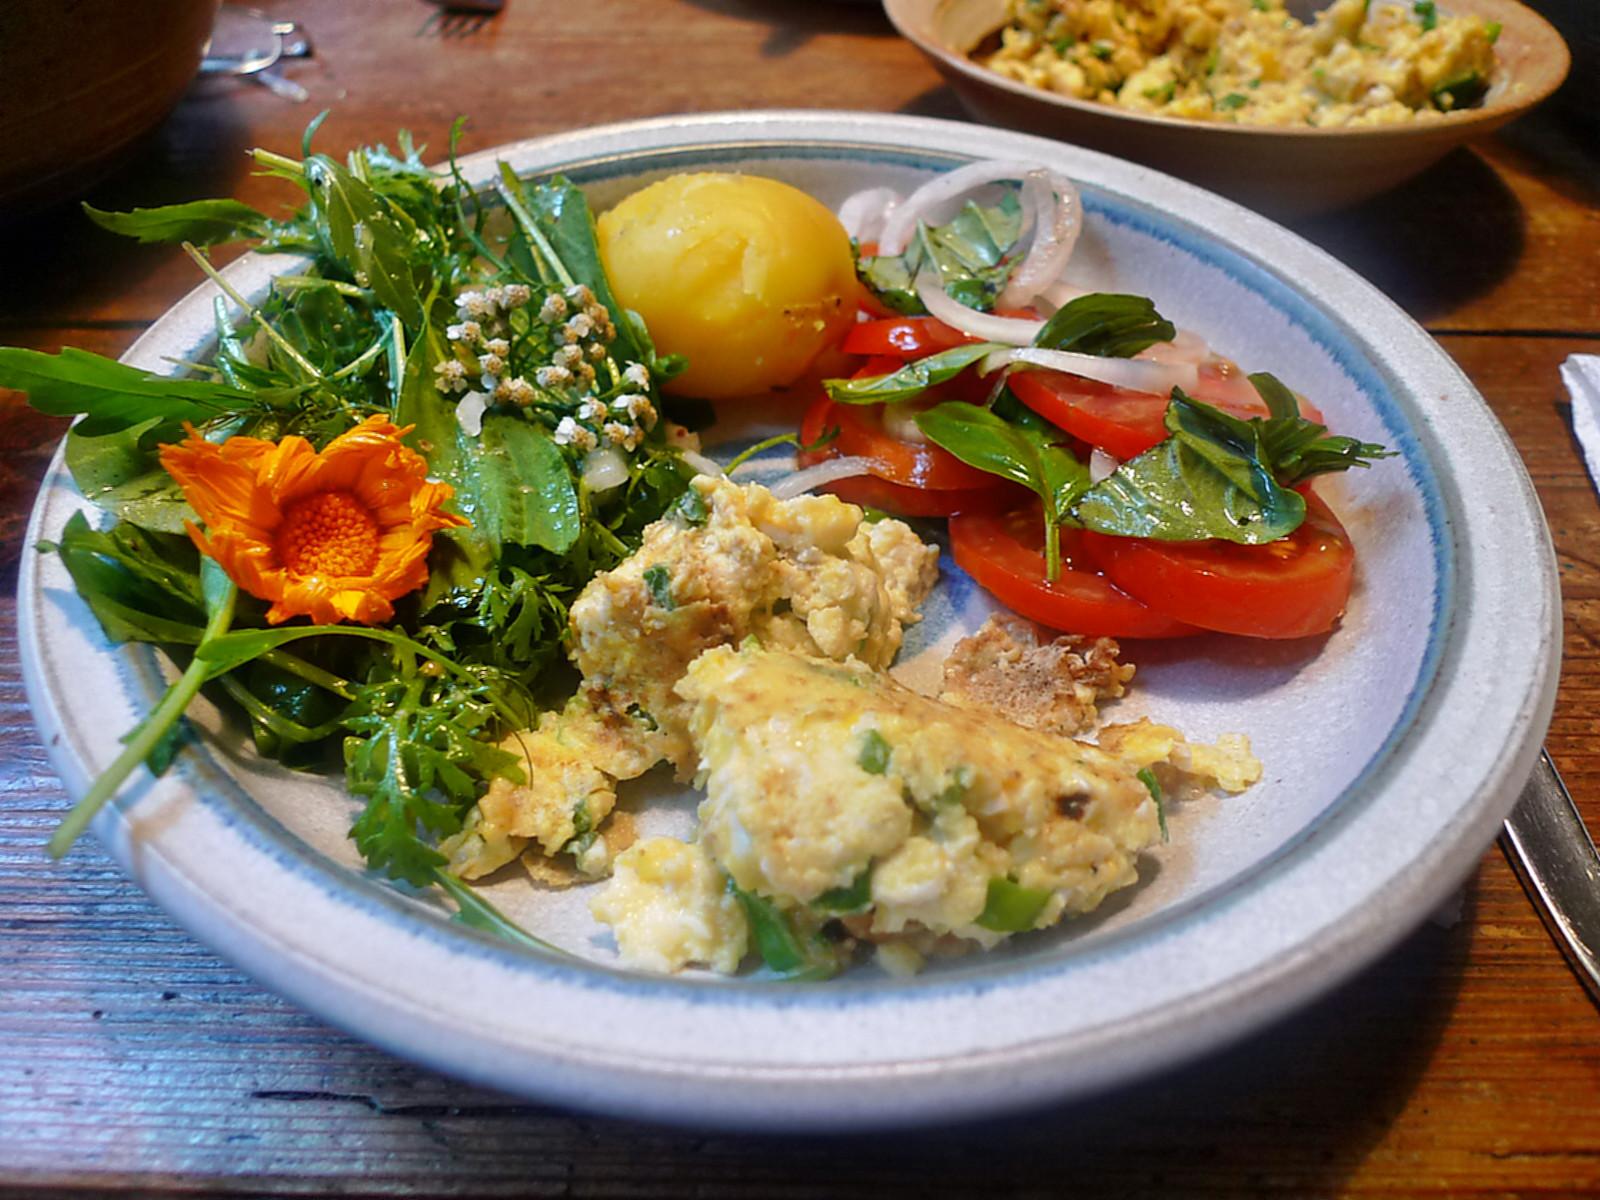 Rührei-Wildkräutersalat-Tomatensalat-Kartoffeln-25.7.14   (12)